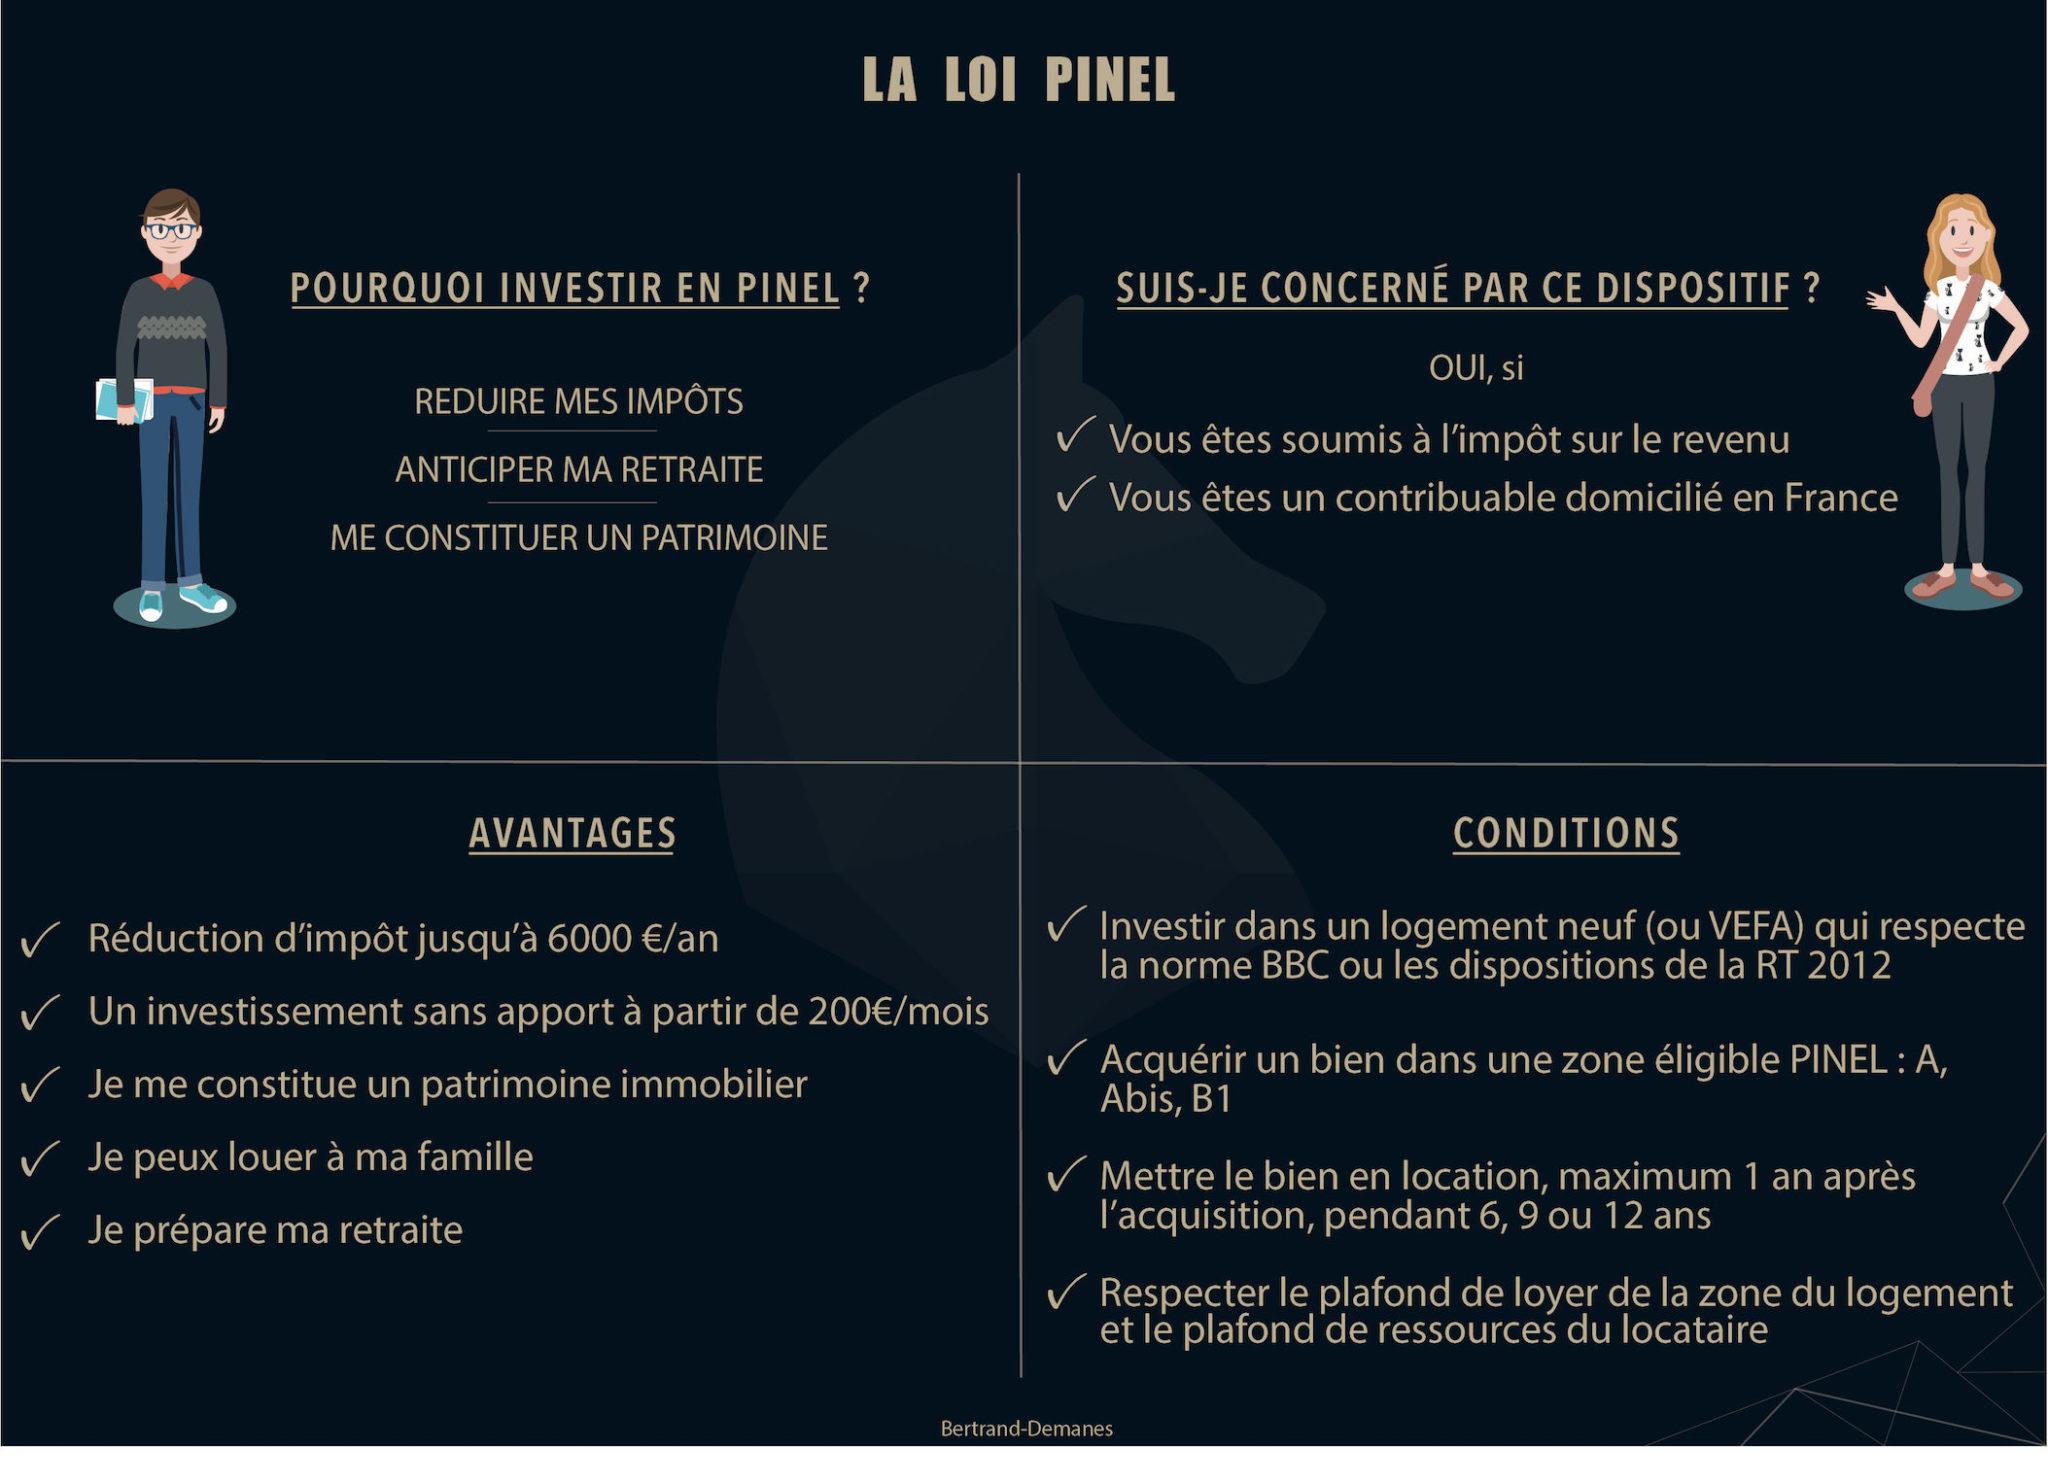 infographie-loi-pinel-la-rochelle-bertrand-demanes